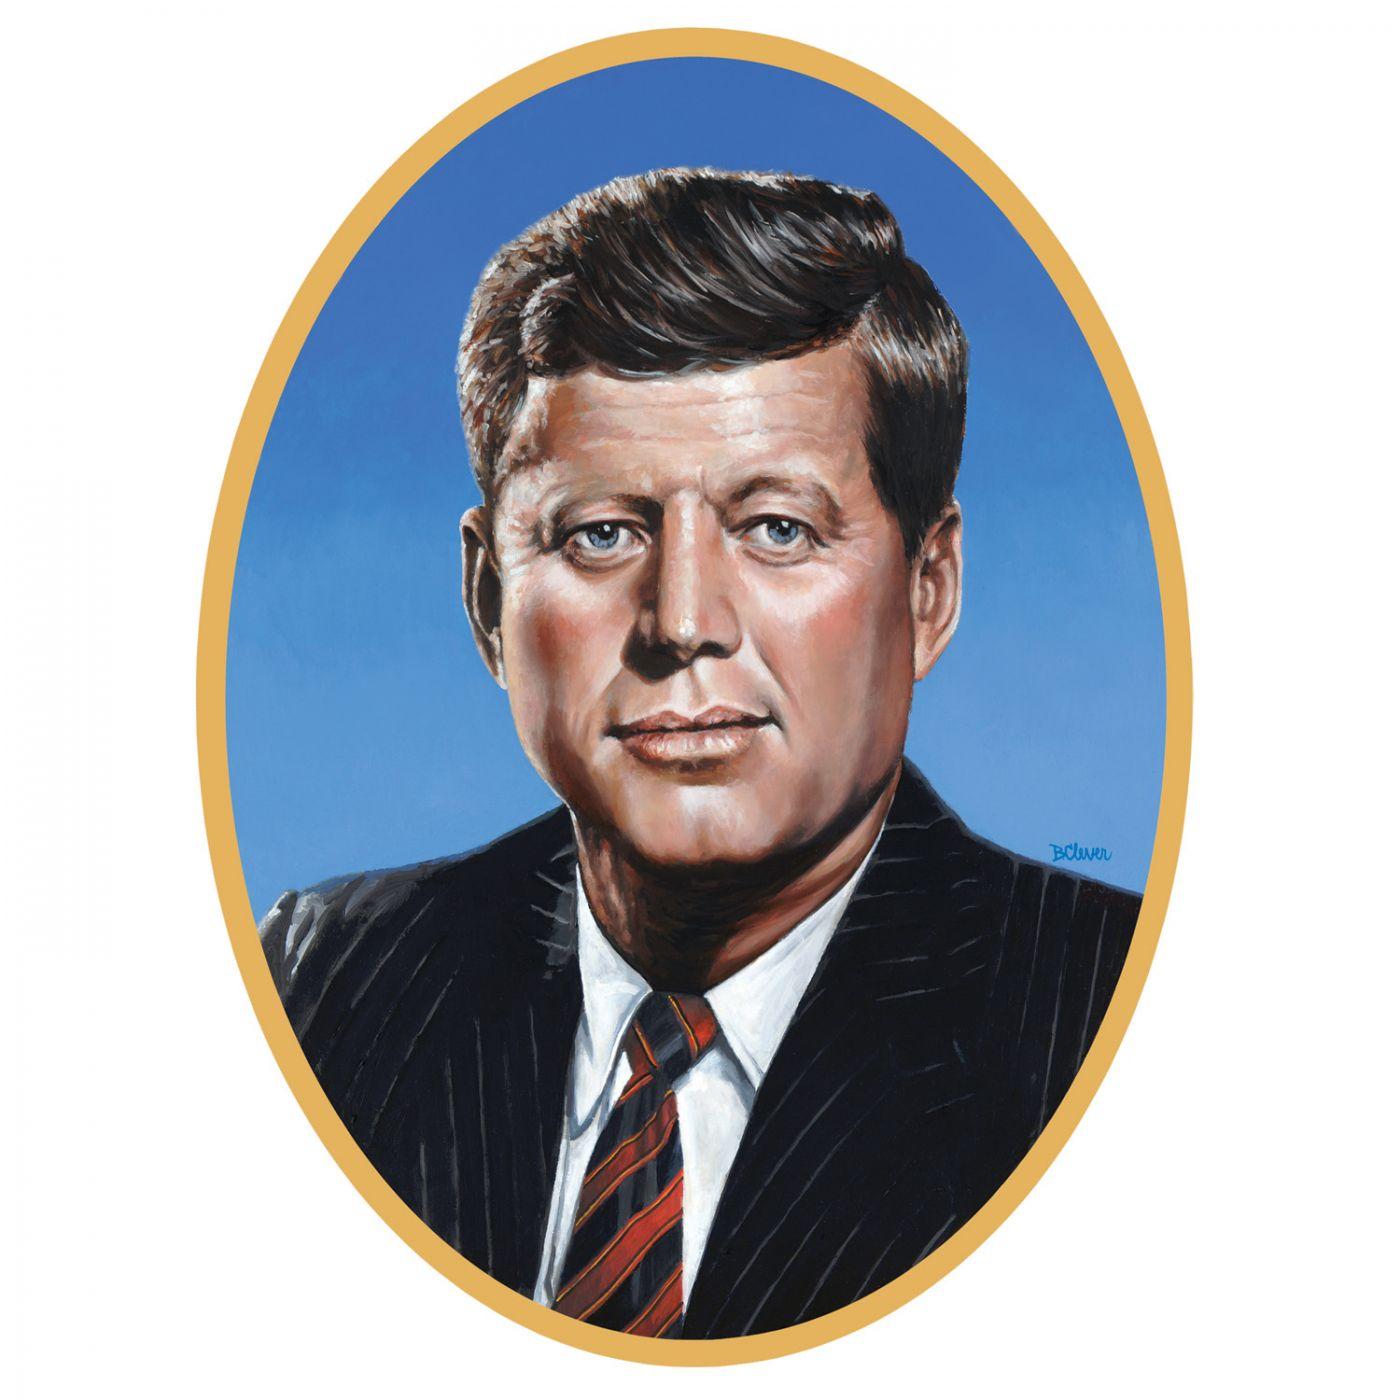 John F Kennedy Cutout image